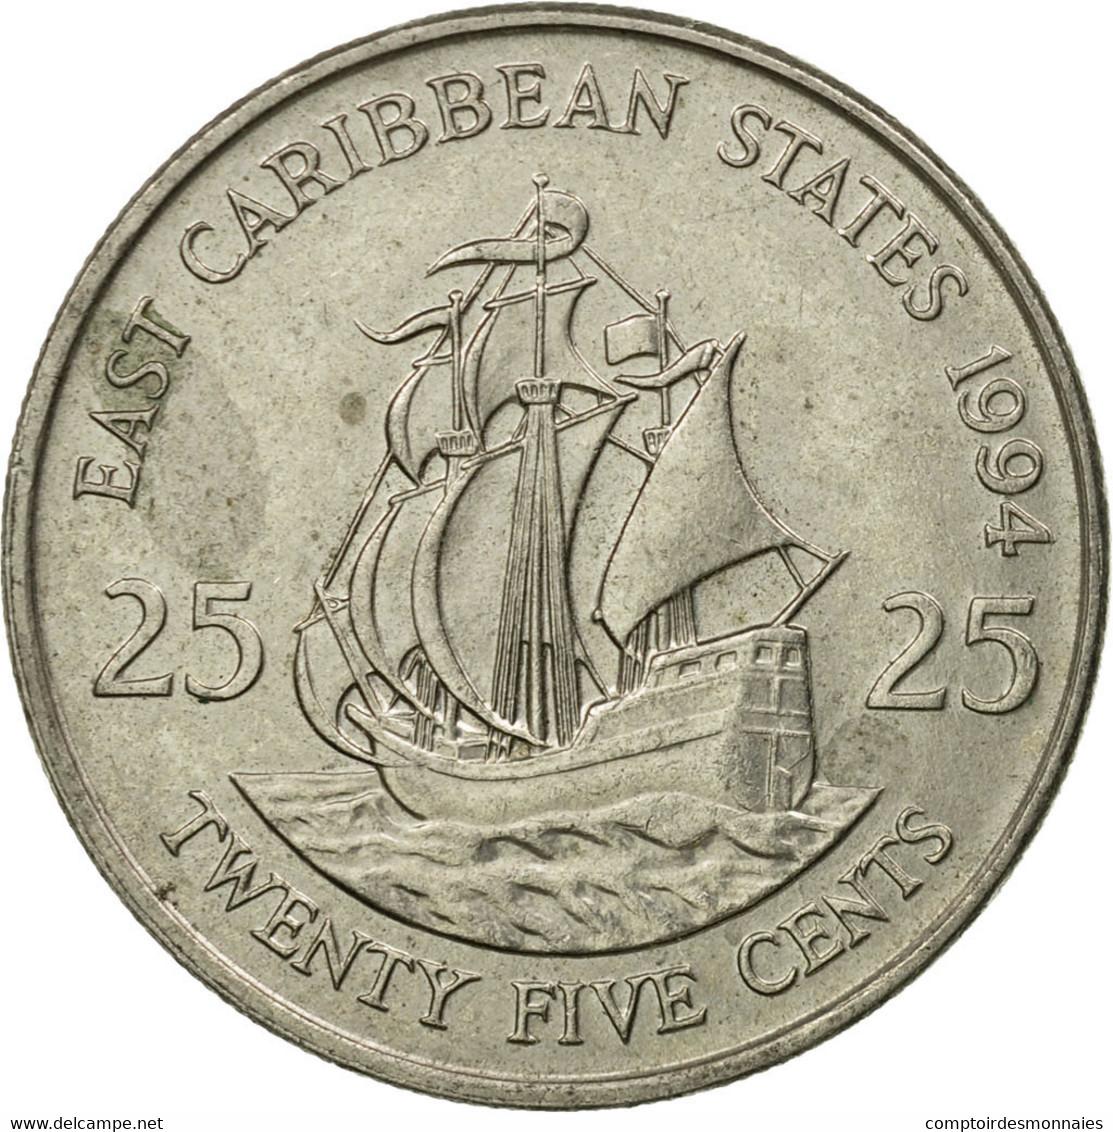 Monnaie, Etats Des Caraibes Orientales, Elizabeth II, 25 Cents, 1994, TTB - Caraïbes Orientales (Etats Des)